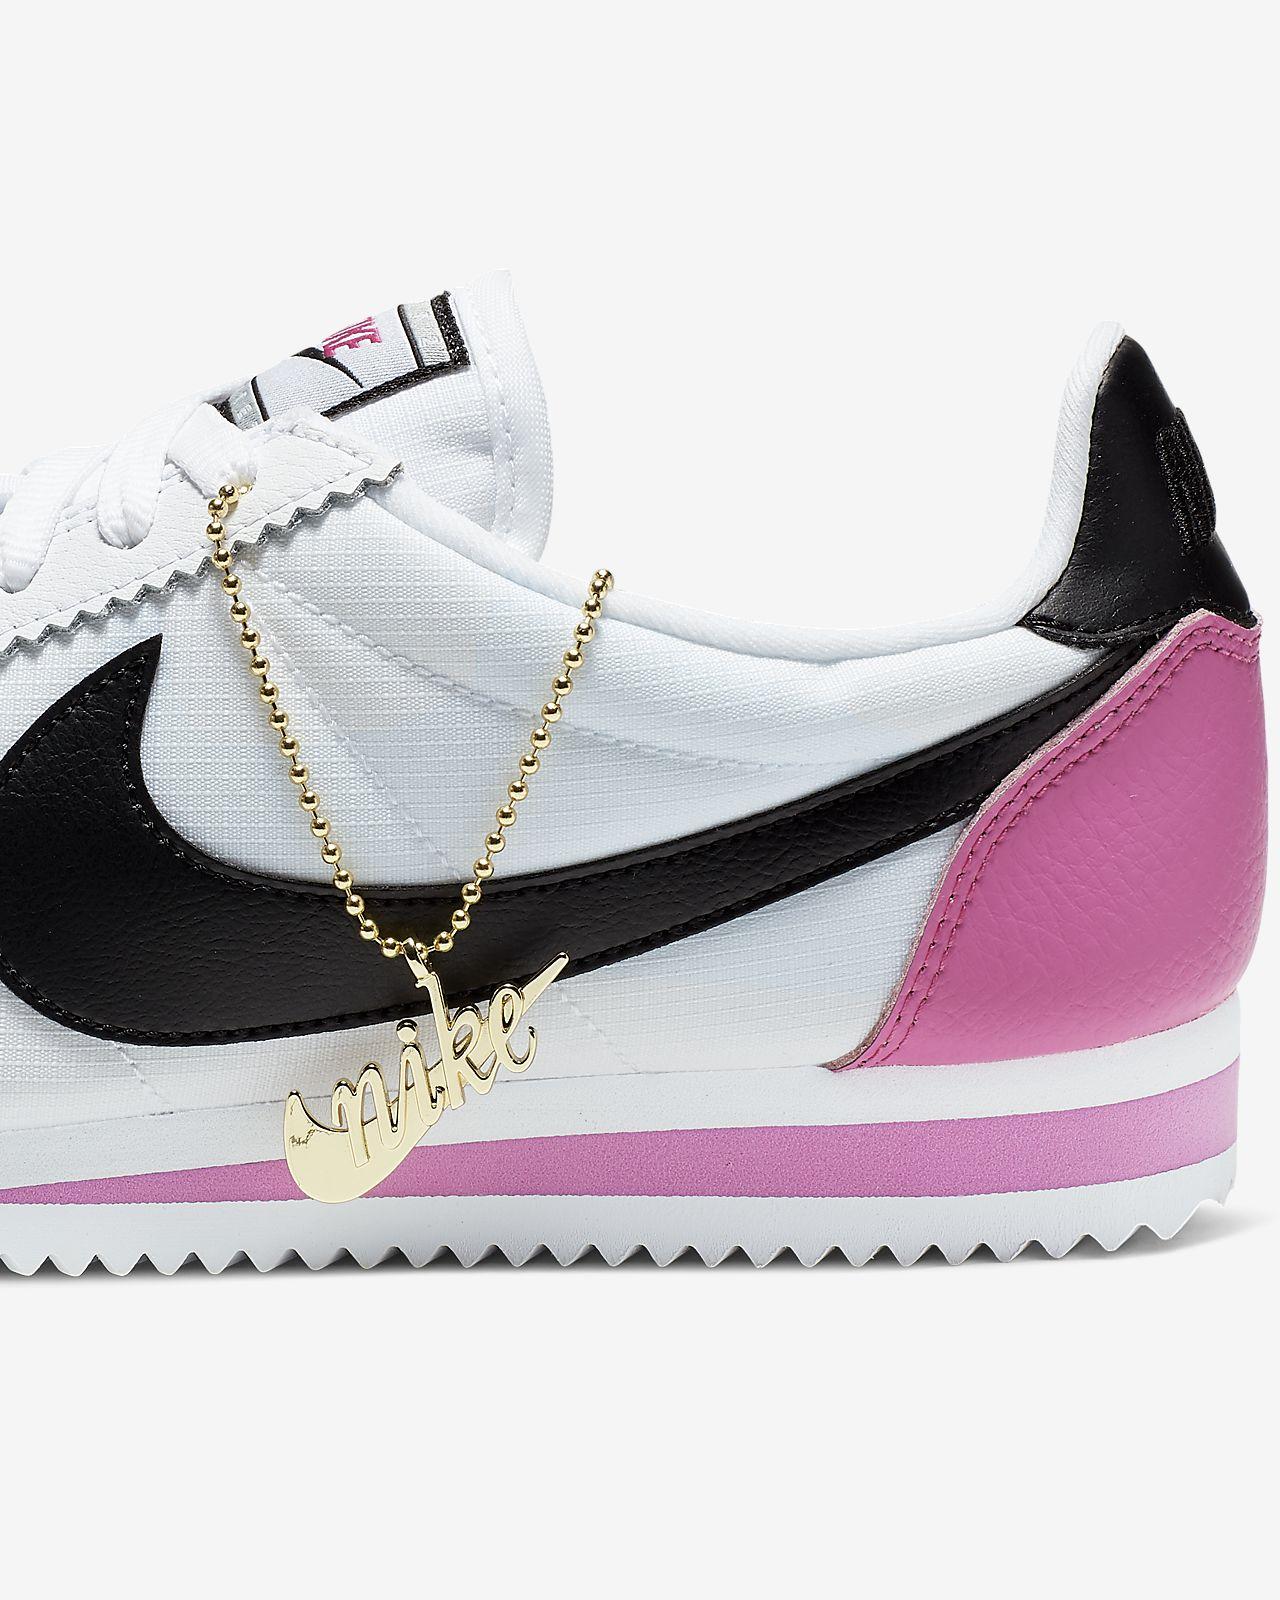 best service fc652 41995 Nike Classic Cortez Premium Women's Shoe